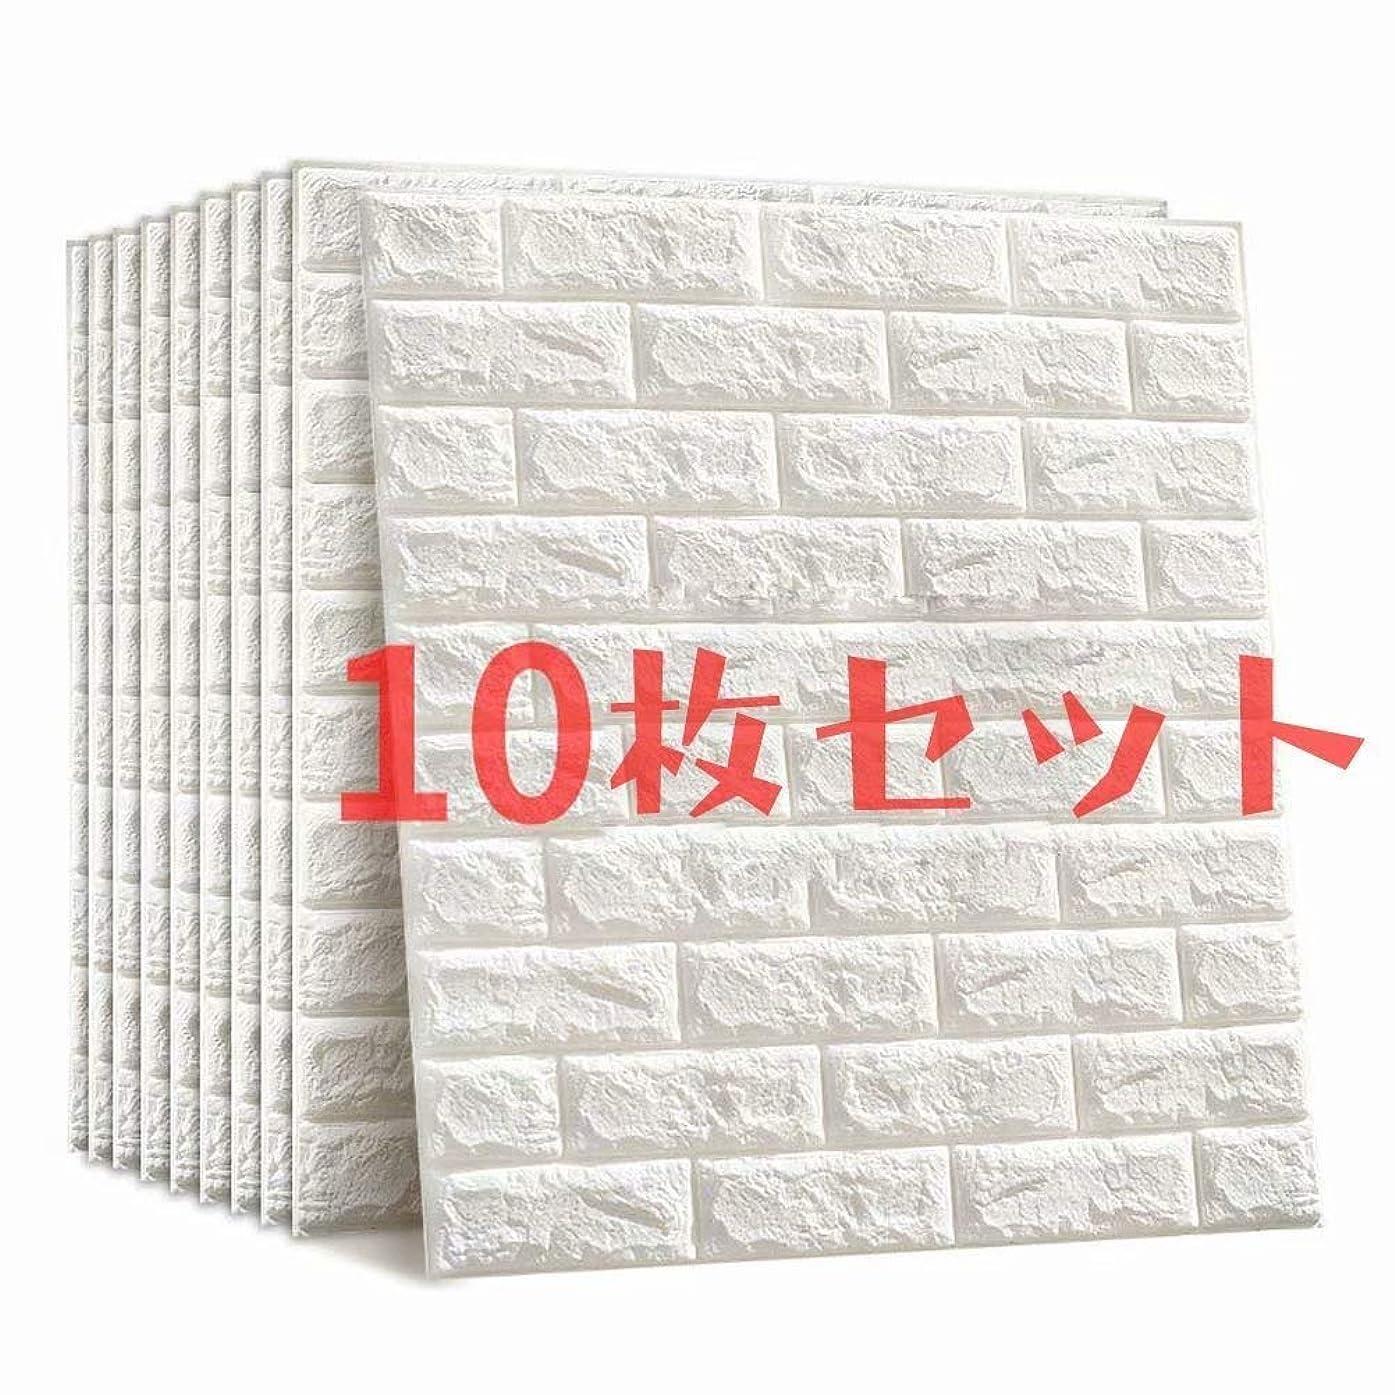 ベテラン魅力的運営3D 壁紙 レンガ調DIY立体壁紙 防音シートウォールステッカー 60*60cm 壁紙シール 自己粘着 防水 DIYクッション シール 10枚入れ